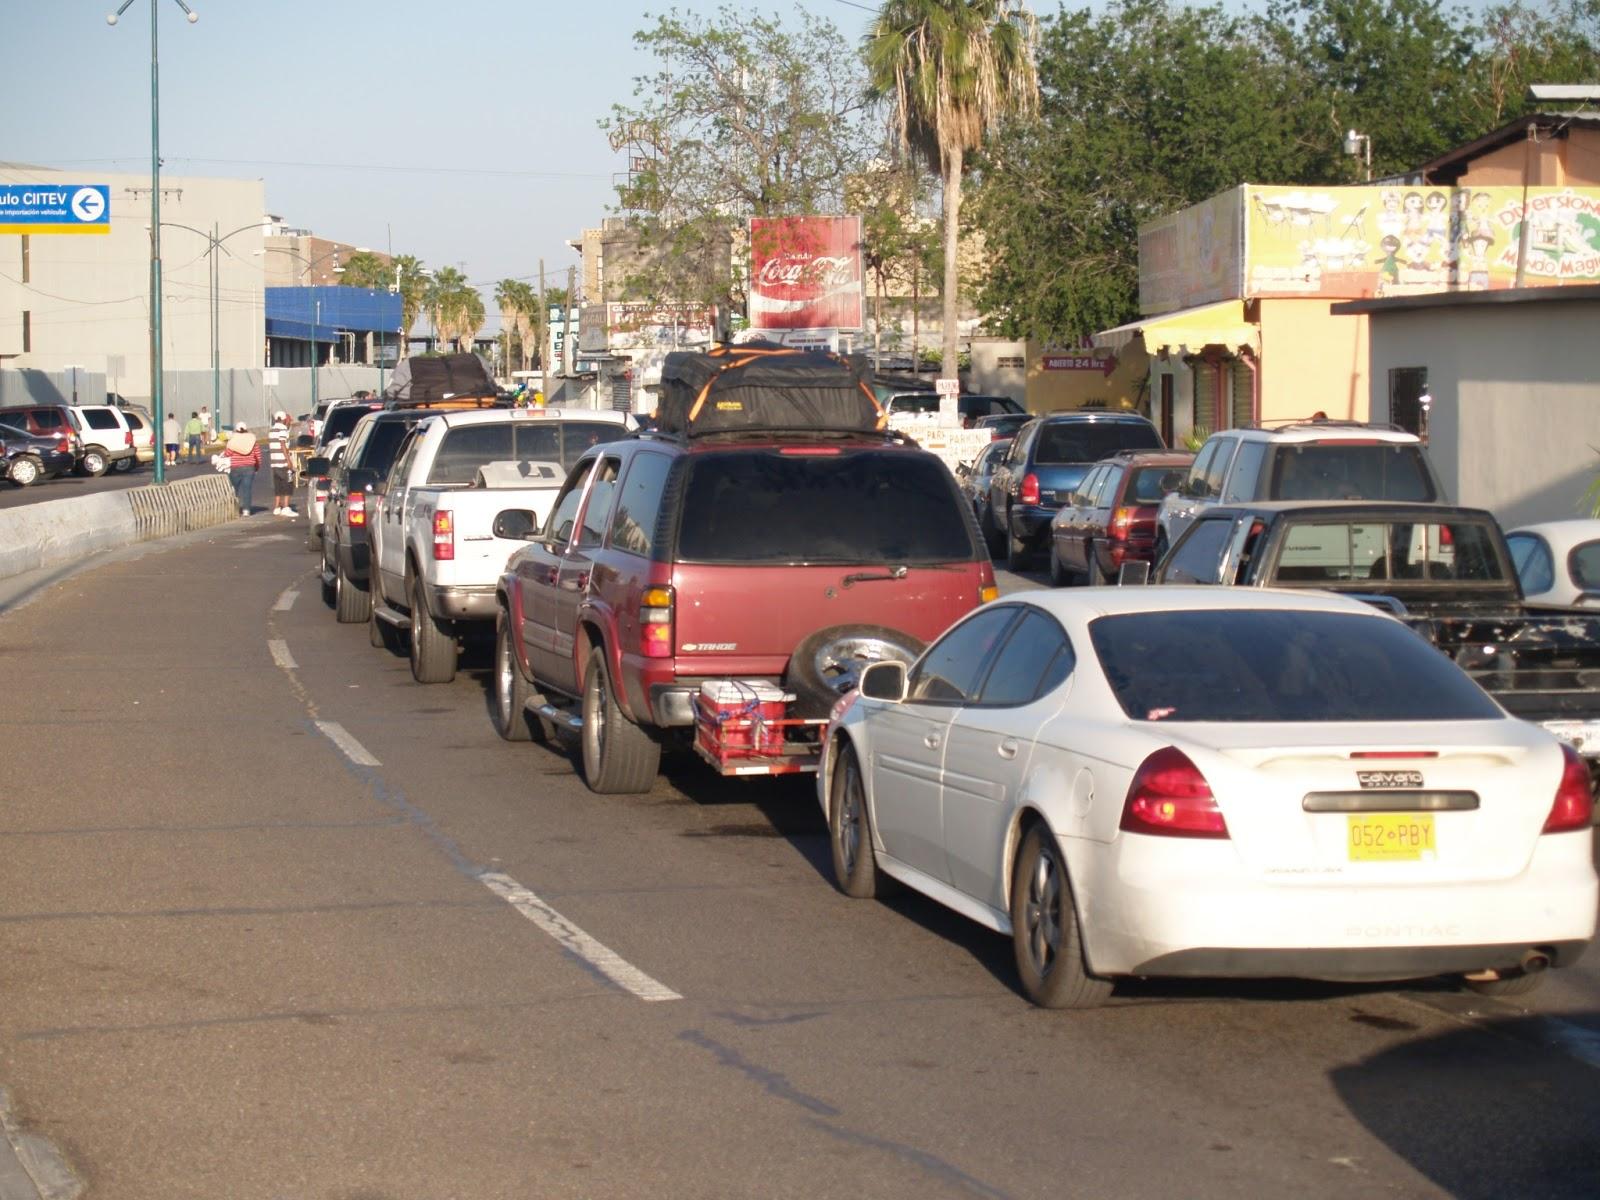 Baños Portatiles Nuevo Laredo:NOTICIAS DE NUEVO LAREDO: Comienza a afectar a Nuevo Laredo la